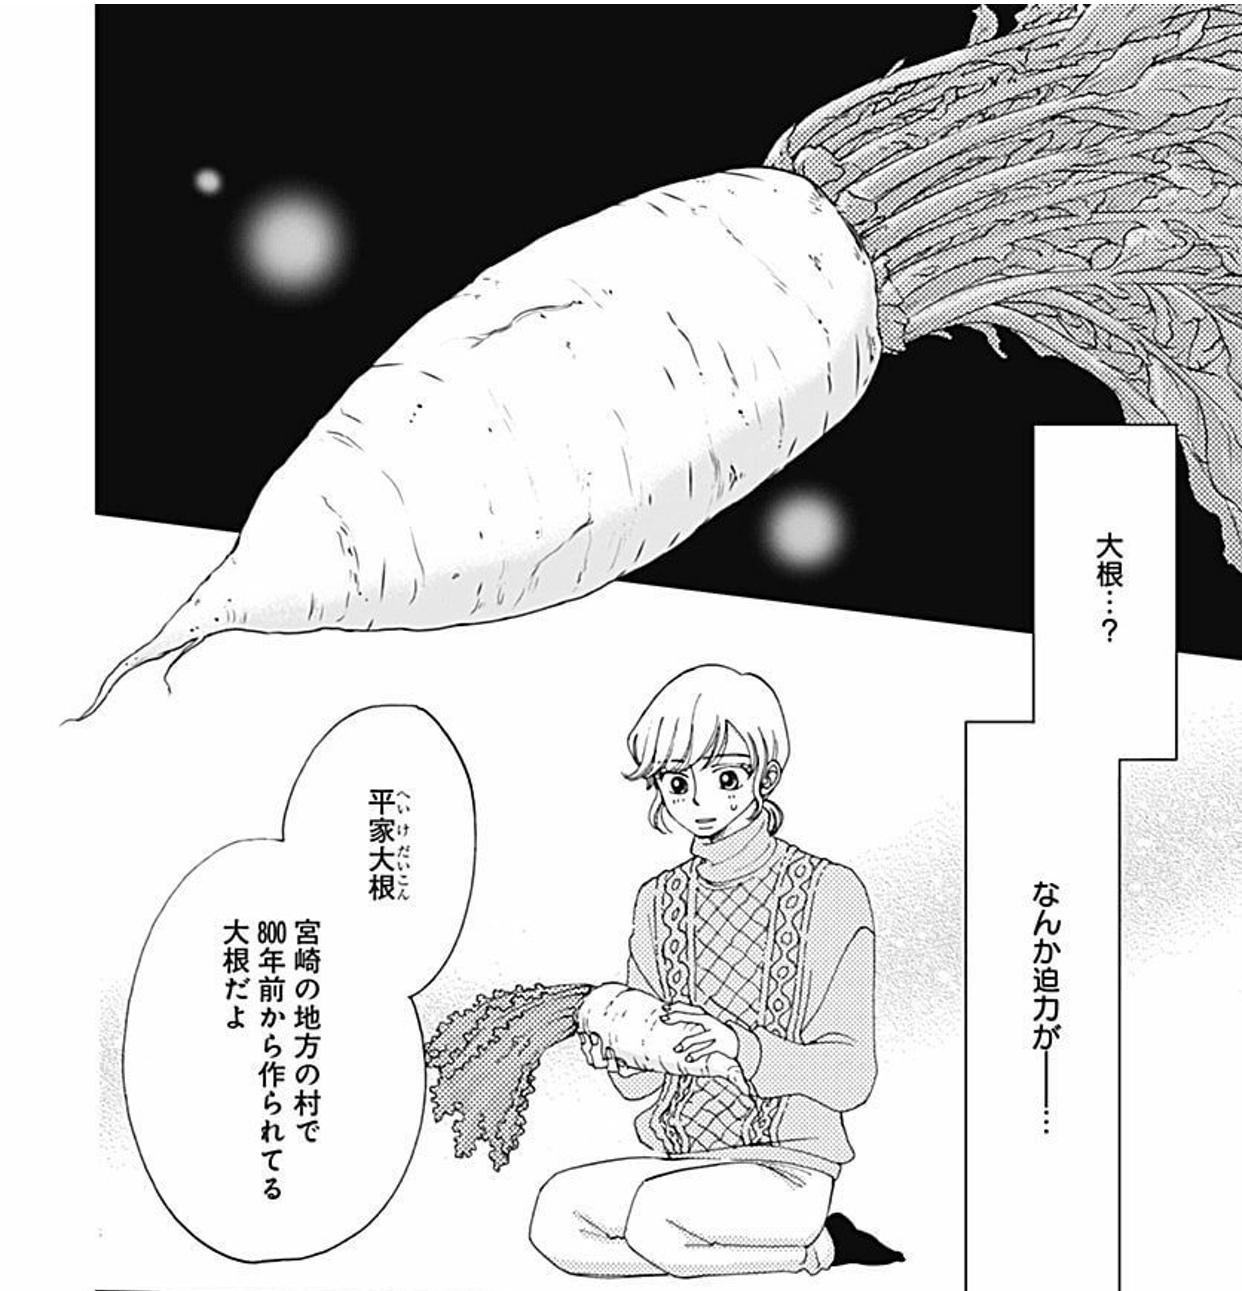 宮崎には平家の落ち武者伝説があります